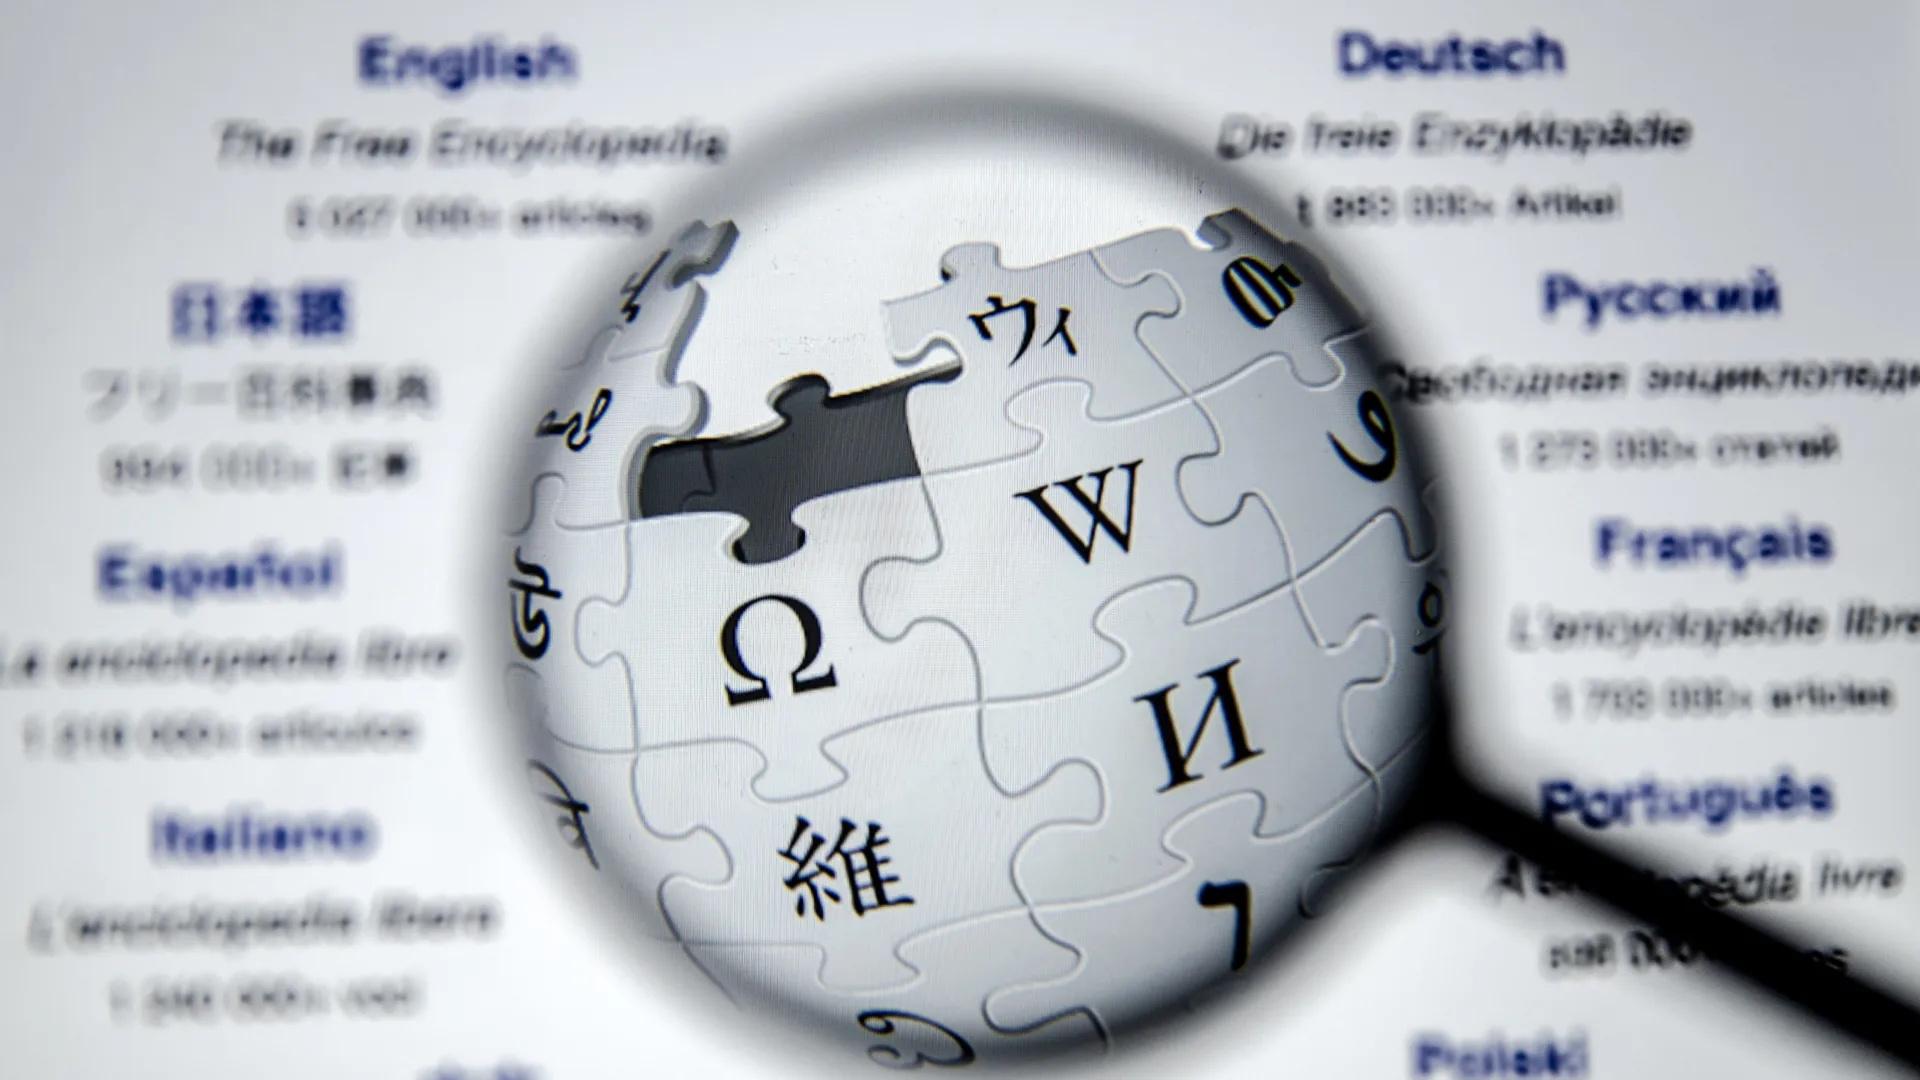 Wikimedia заблокировала семь китайских пользователей из-за «угрозы безопасности»